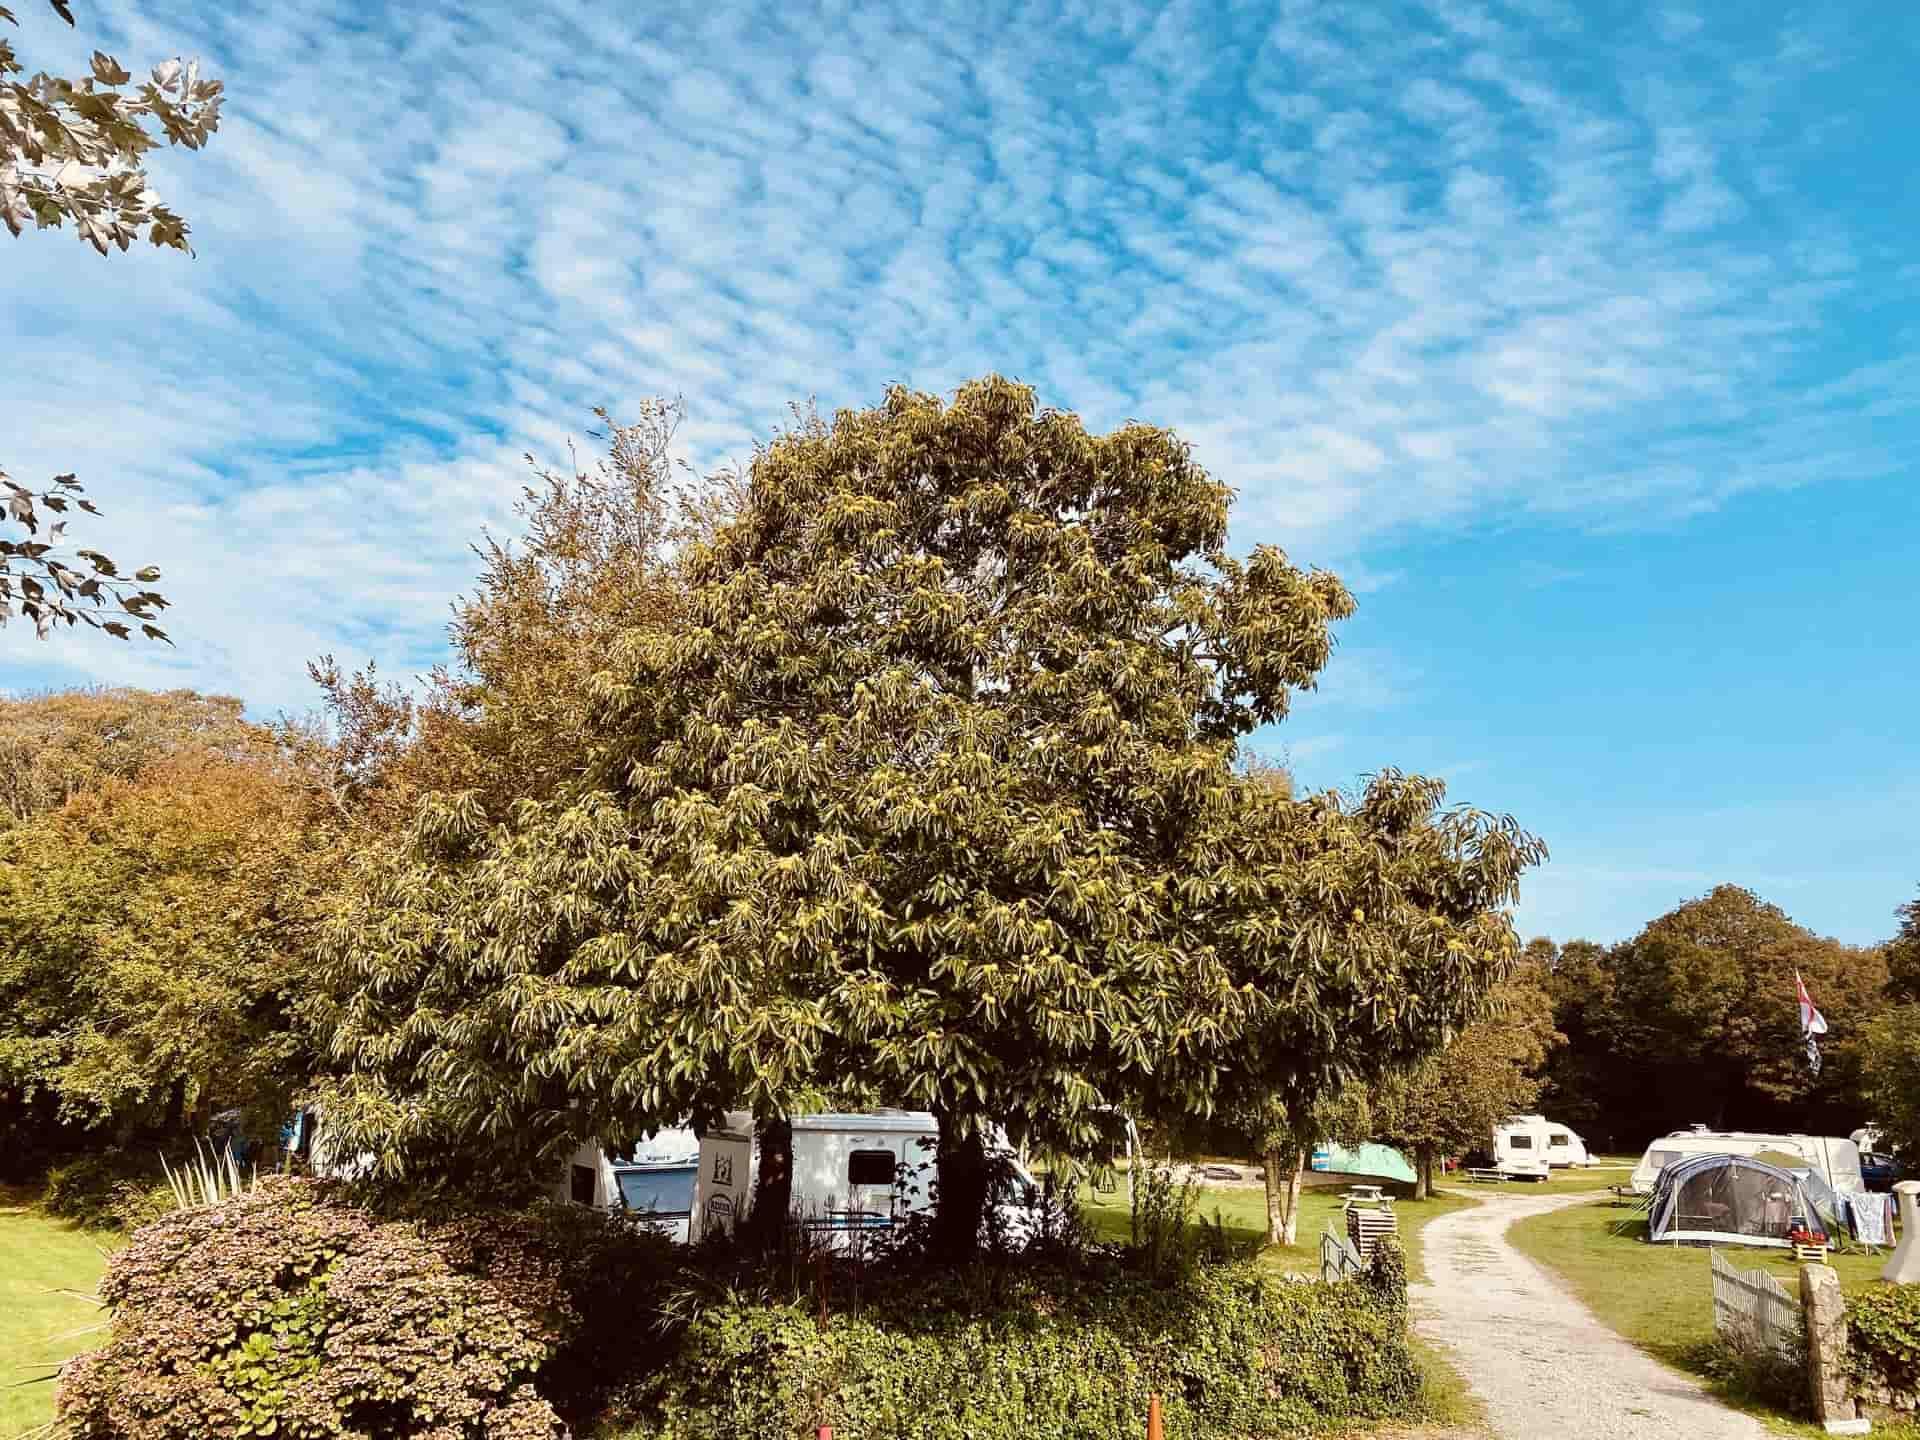 Treglisson Campsite near Hayle, Cornwall